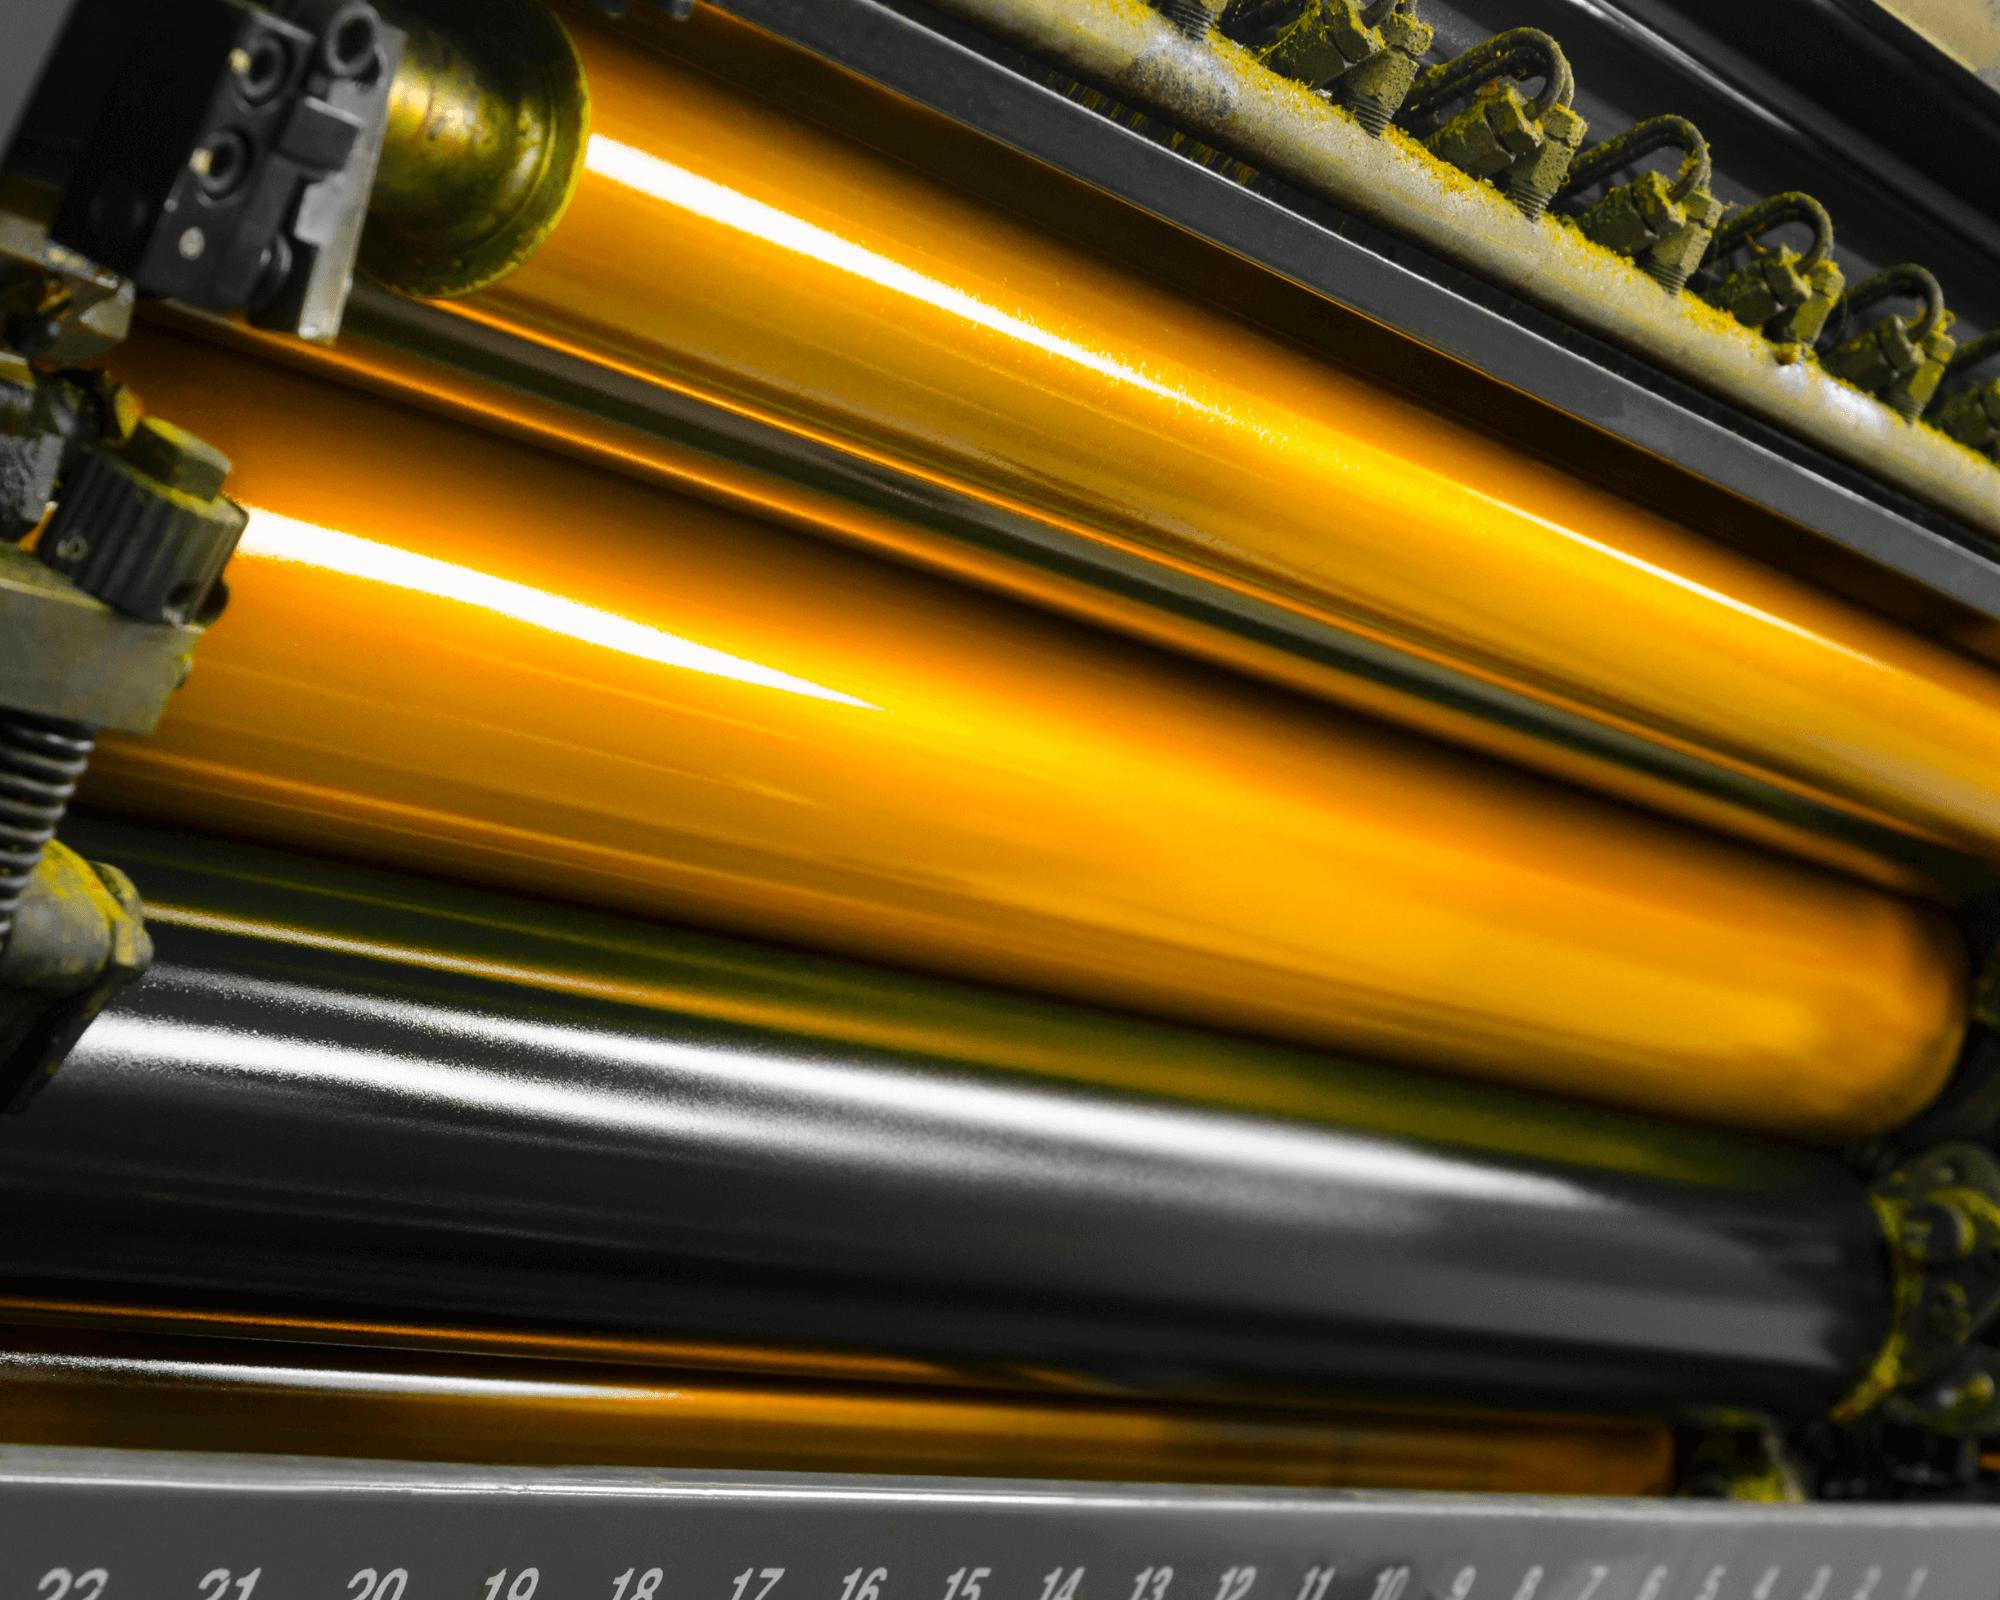 rodillos utilizados para la impresión offset